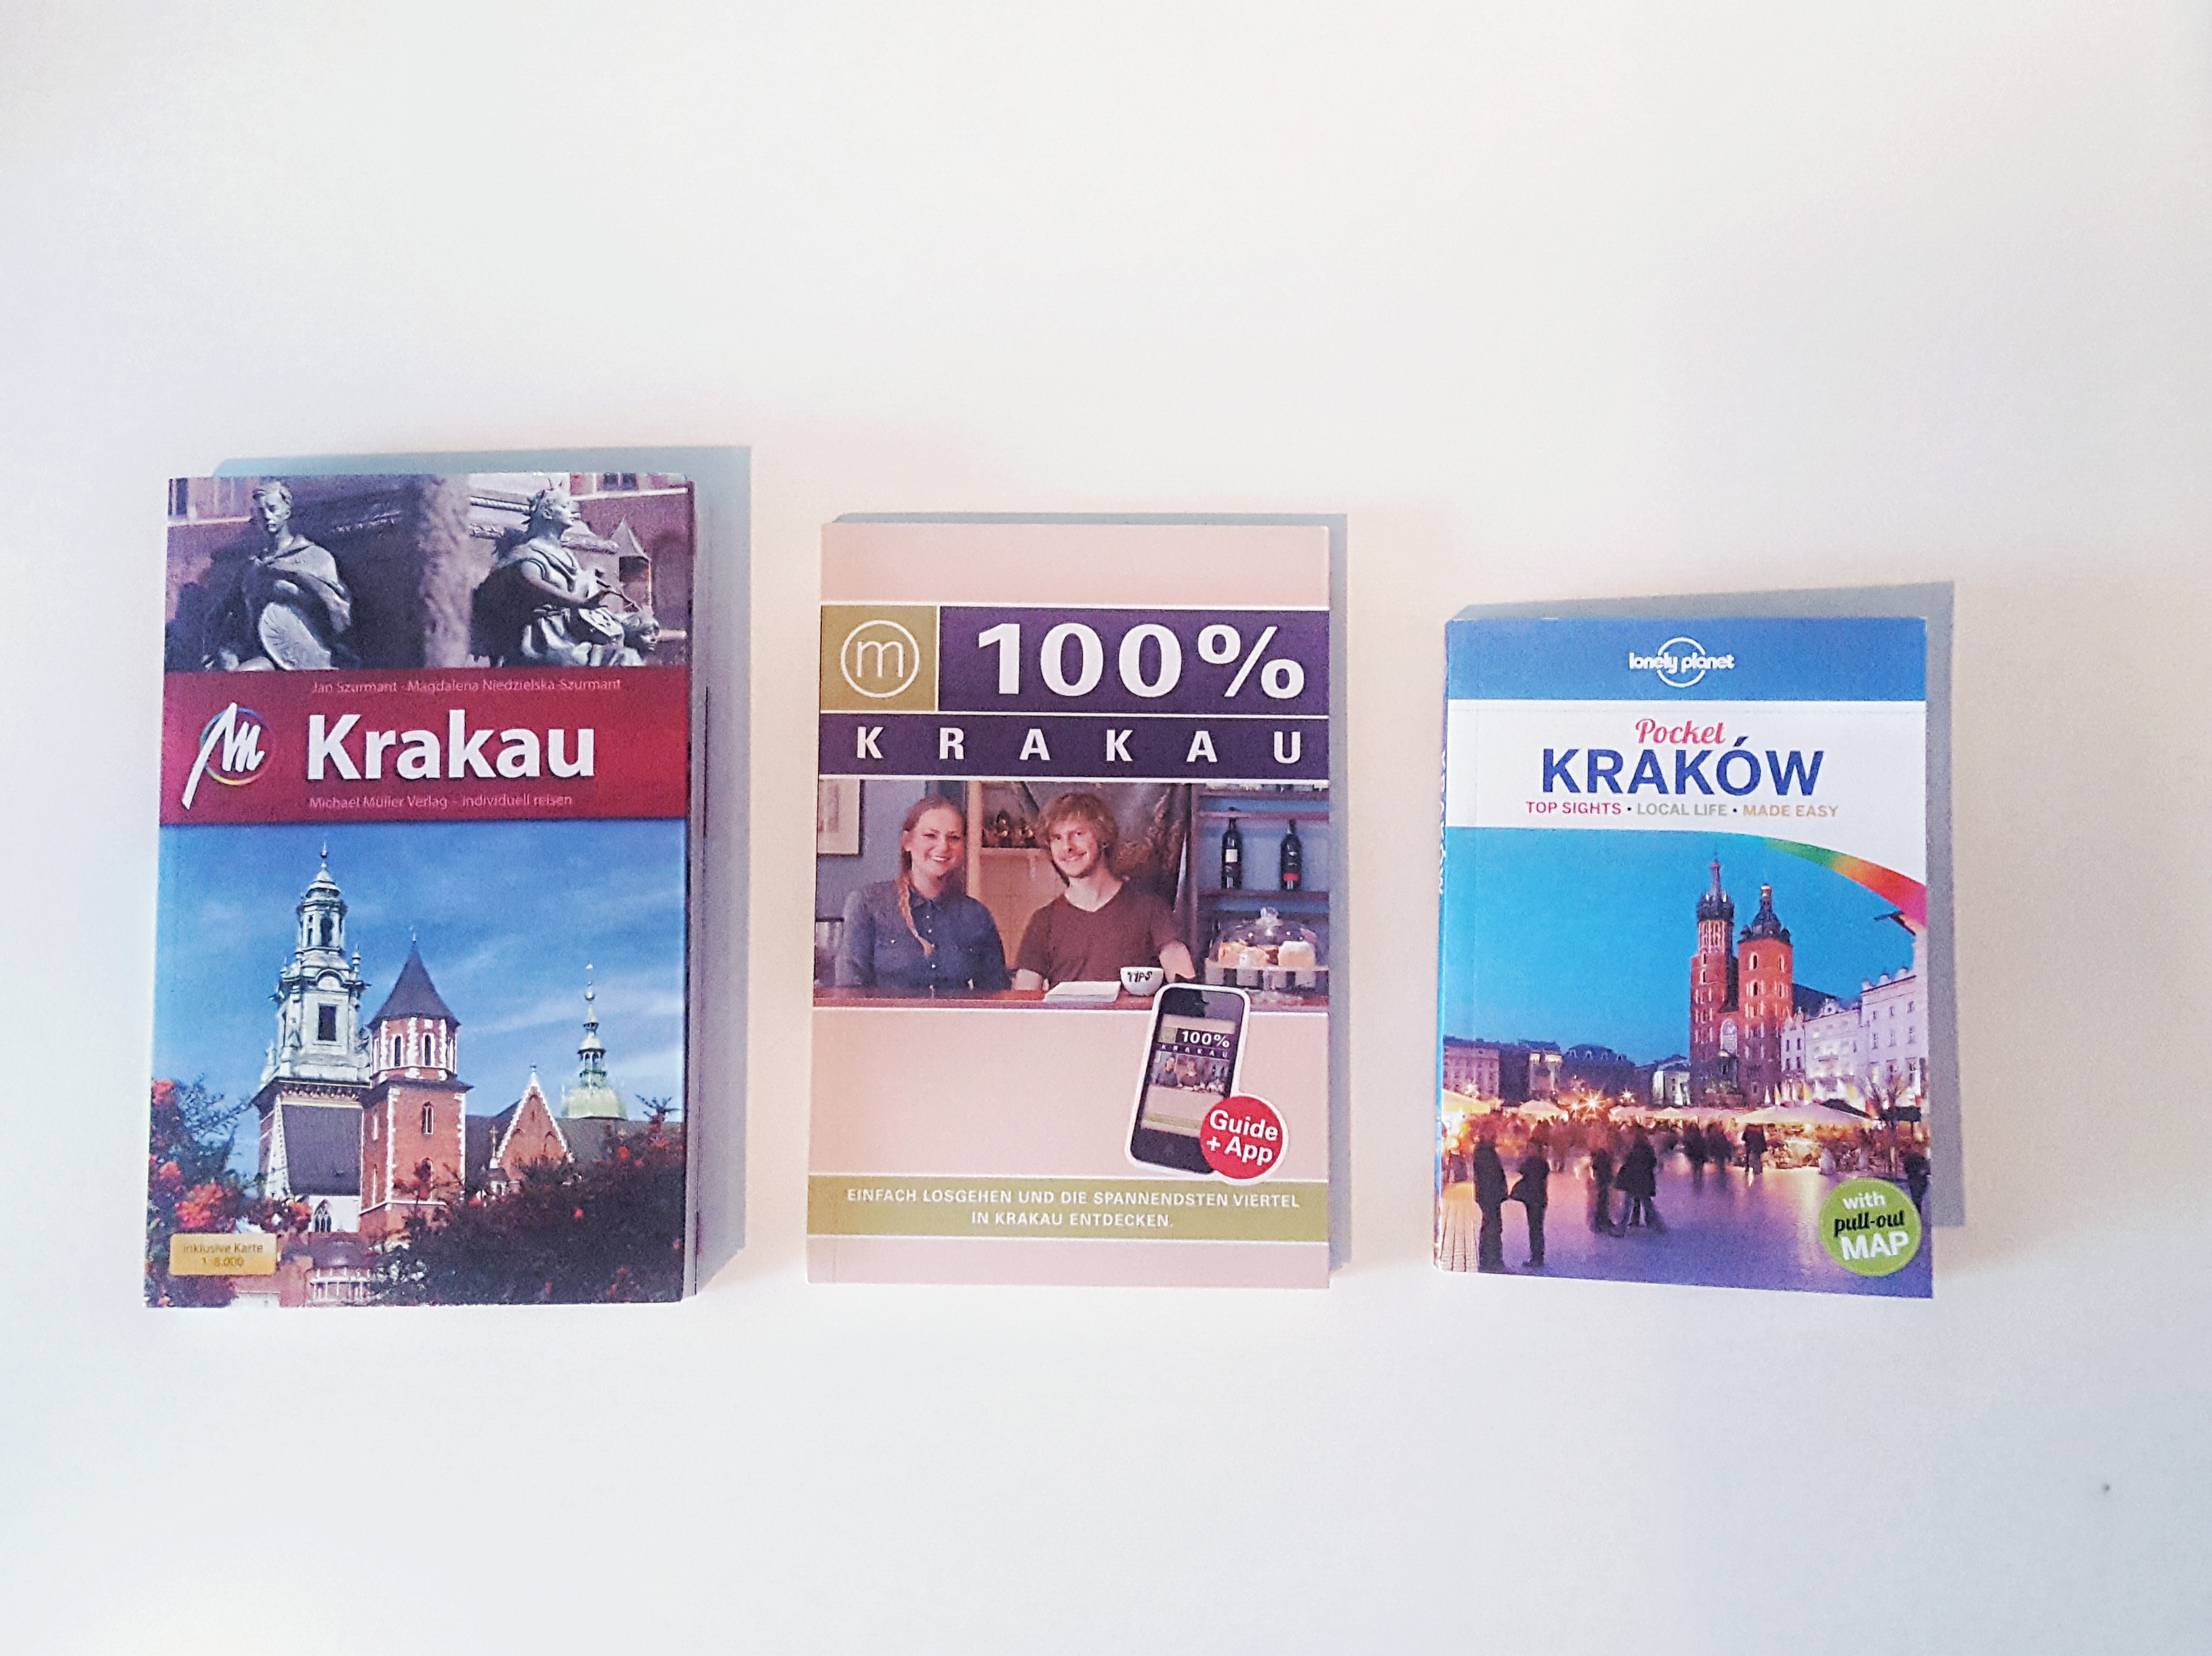 Die Reiseführer für Krakau im Test